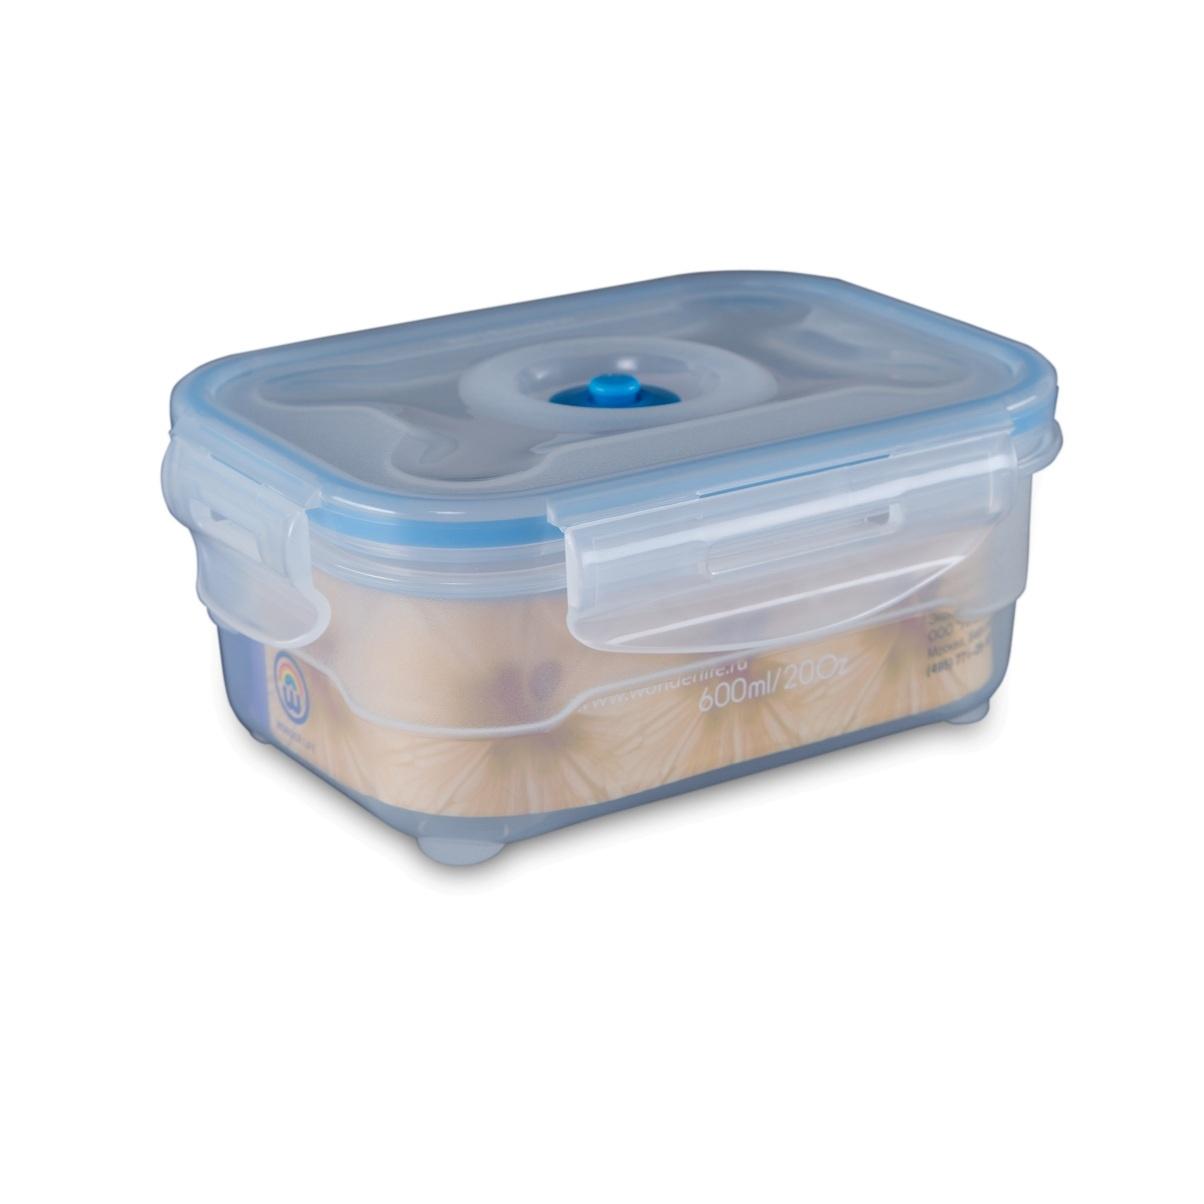 Контейнер вакуумный для пищи Wonder Life Пищевой вакуумный контейнер Тайвань 0,6 мл, прозрачный контейнер вакуумный для хранения сыпучих продуктов prepara evak 1 36 л